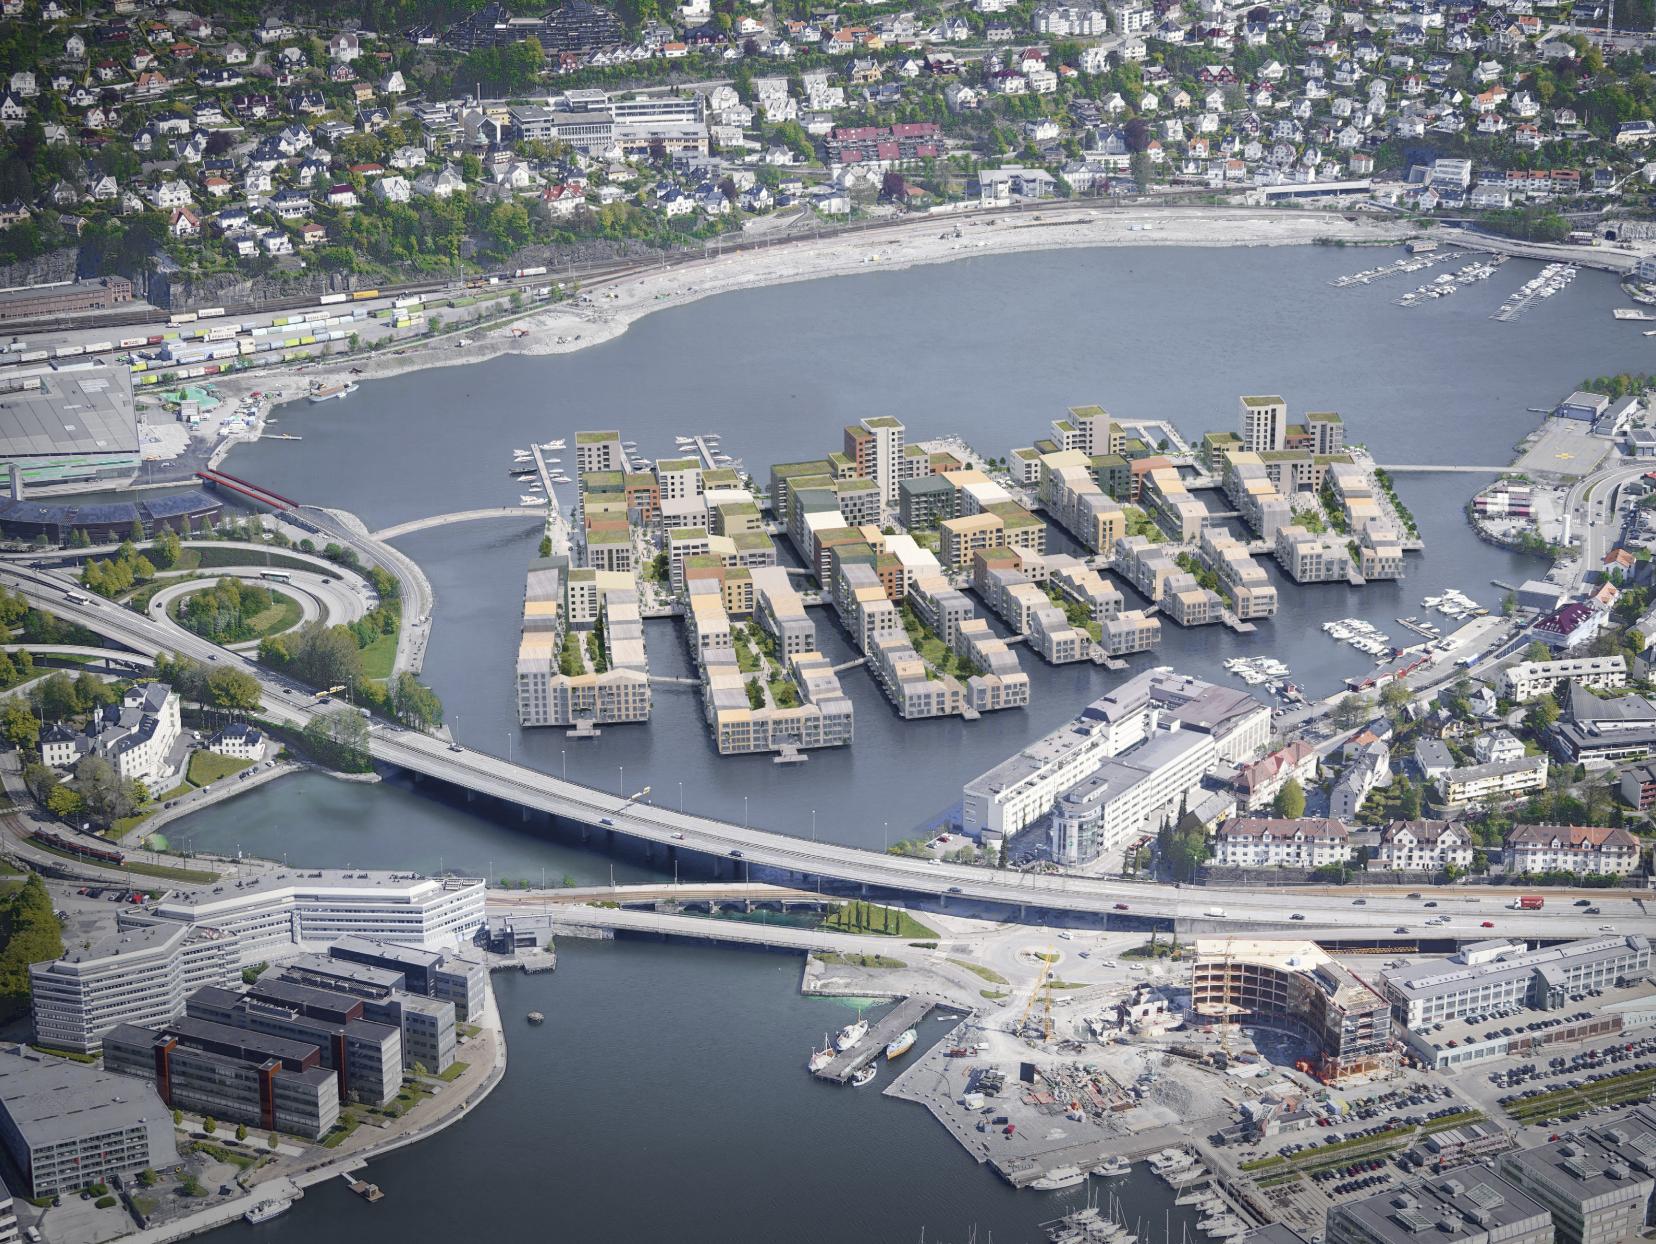 ØNSKER KANALBY: BOB vil knytte Møllendal og Ado-siden sammen med det nye boligprosjektet. ILLUSTRASJON: WAUGH THISTLETON ARCHITECTS